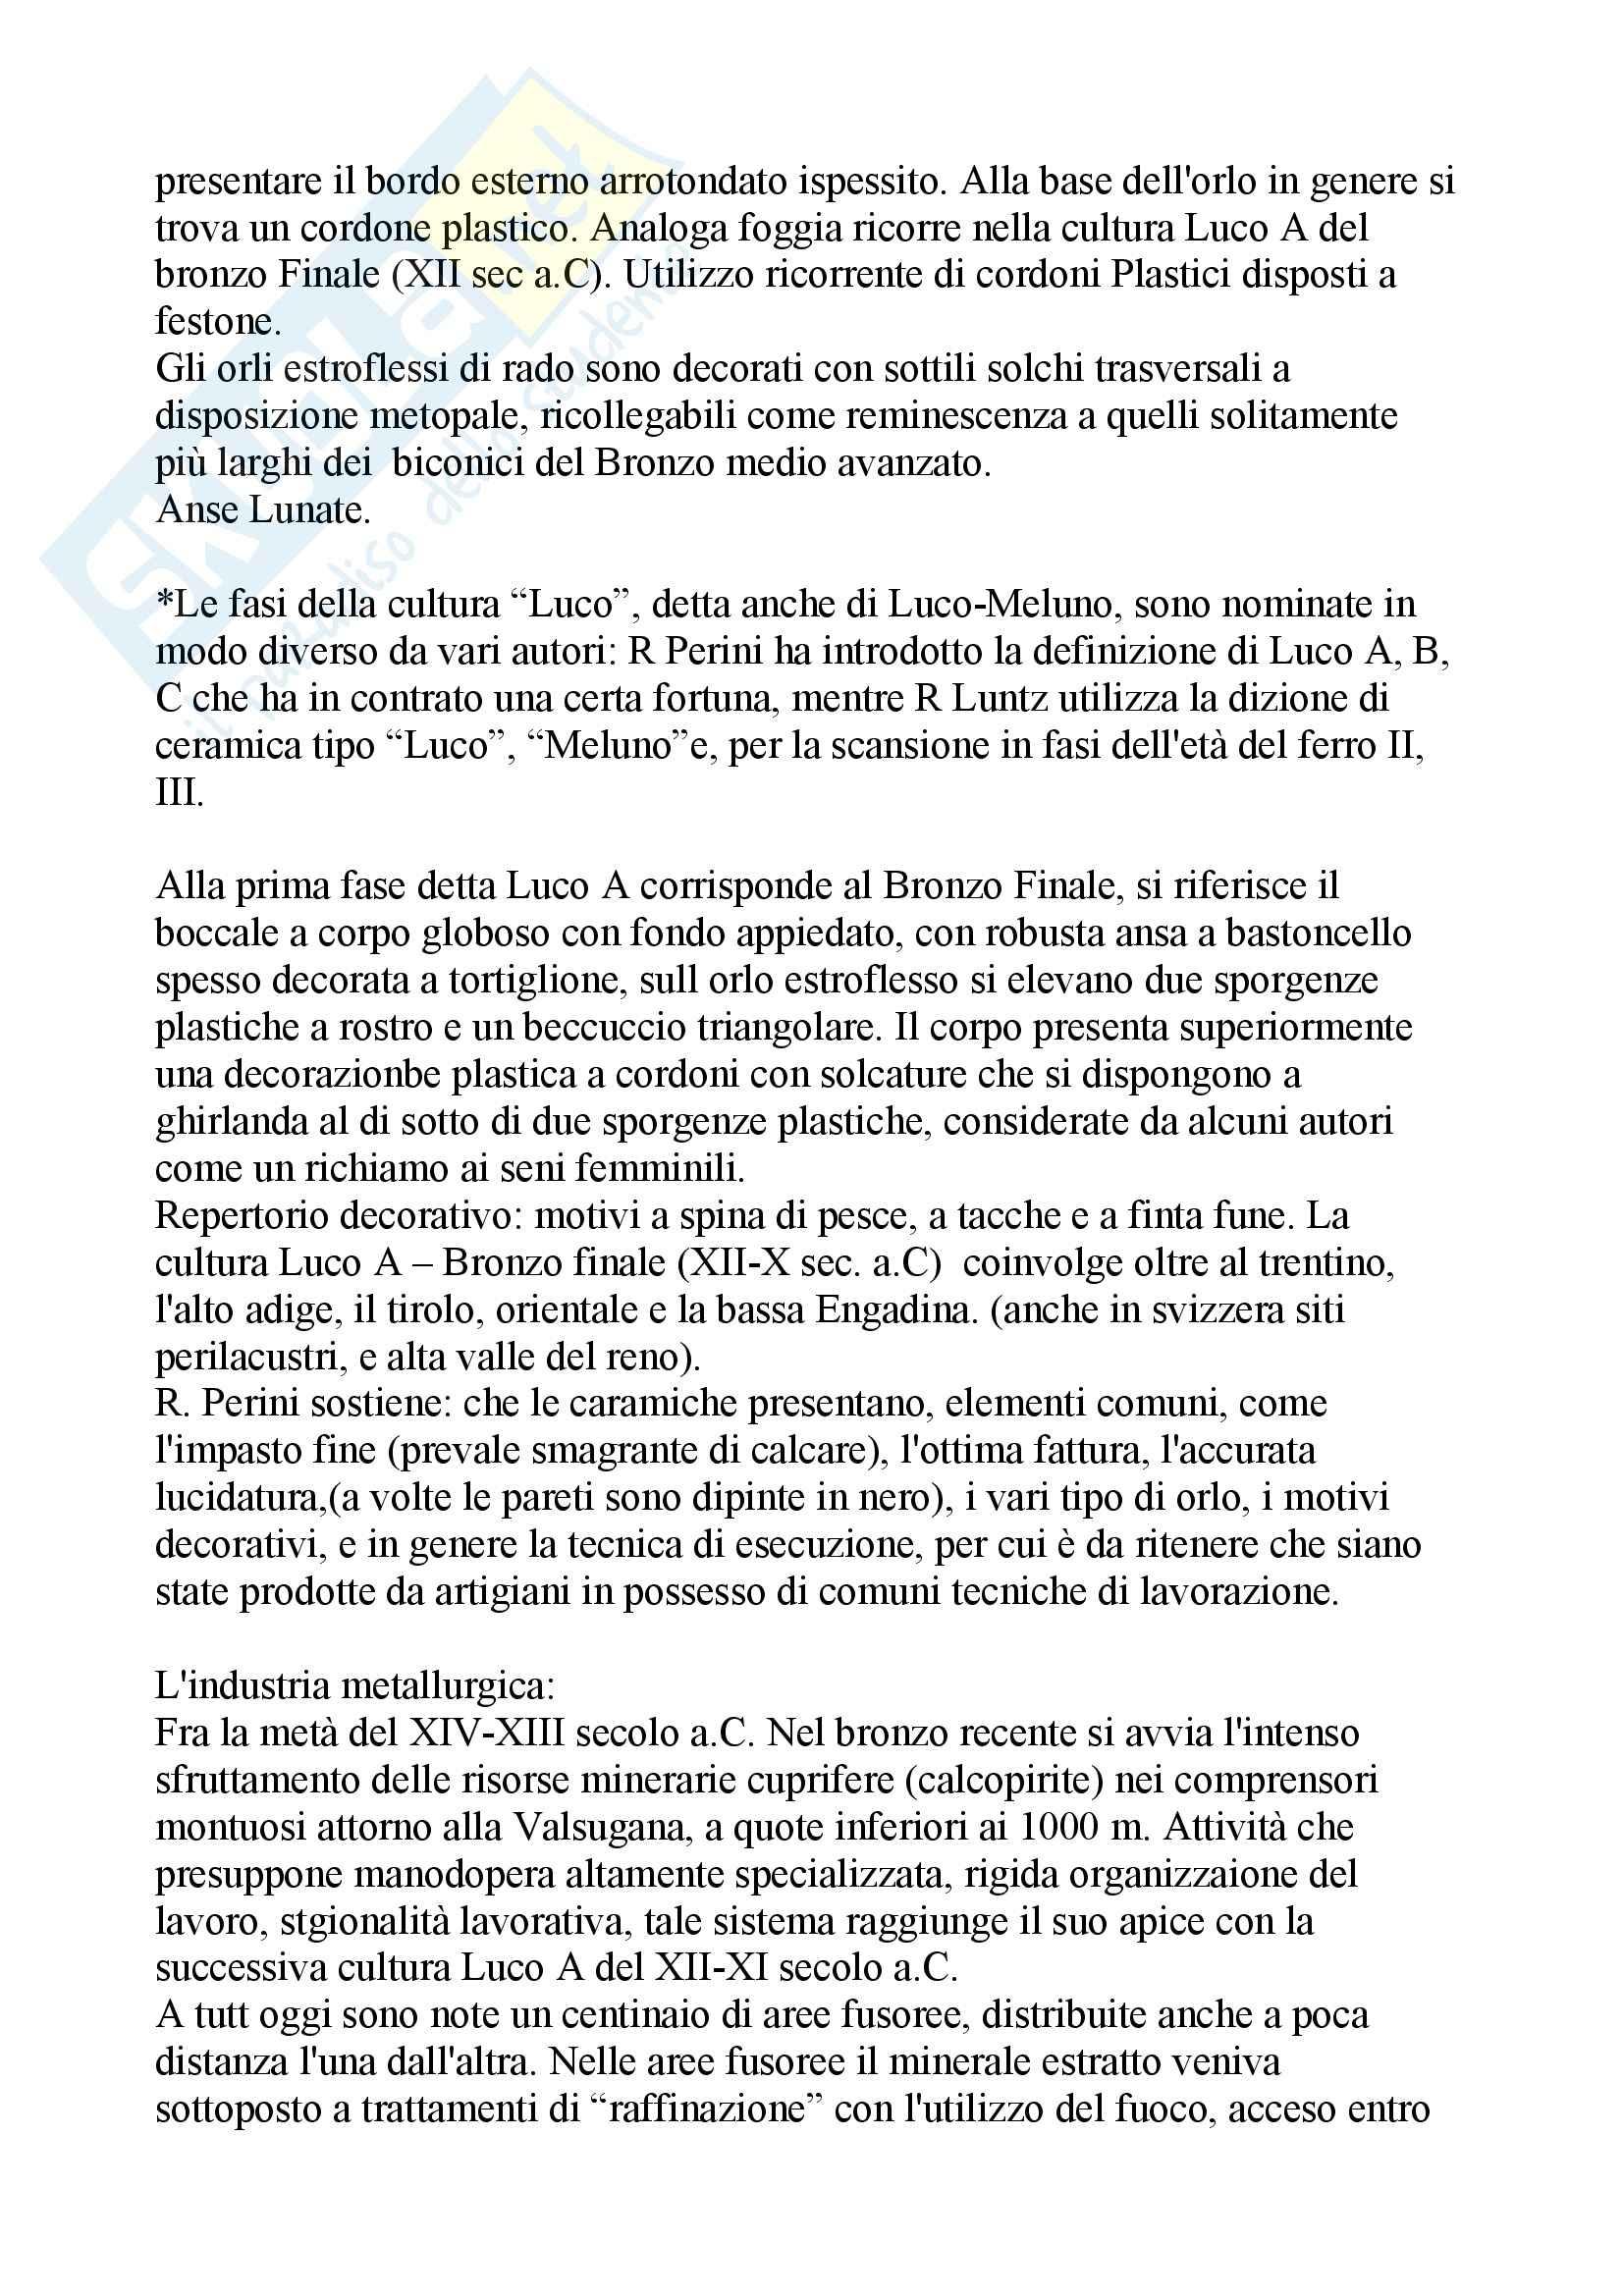 Paletnologia - la storia del Trentino Pag. 21